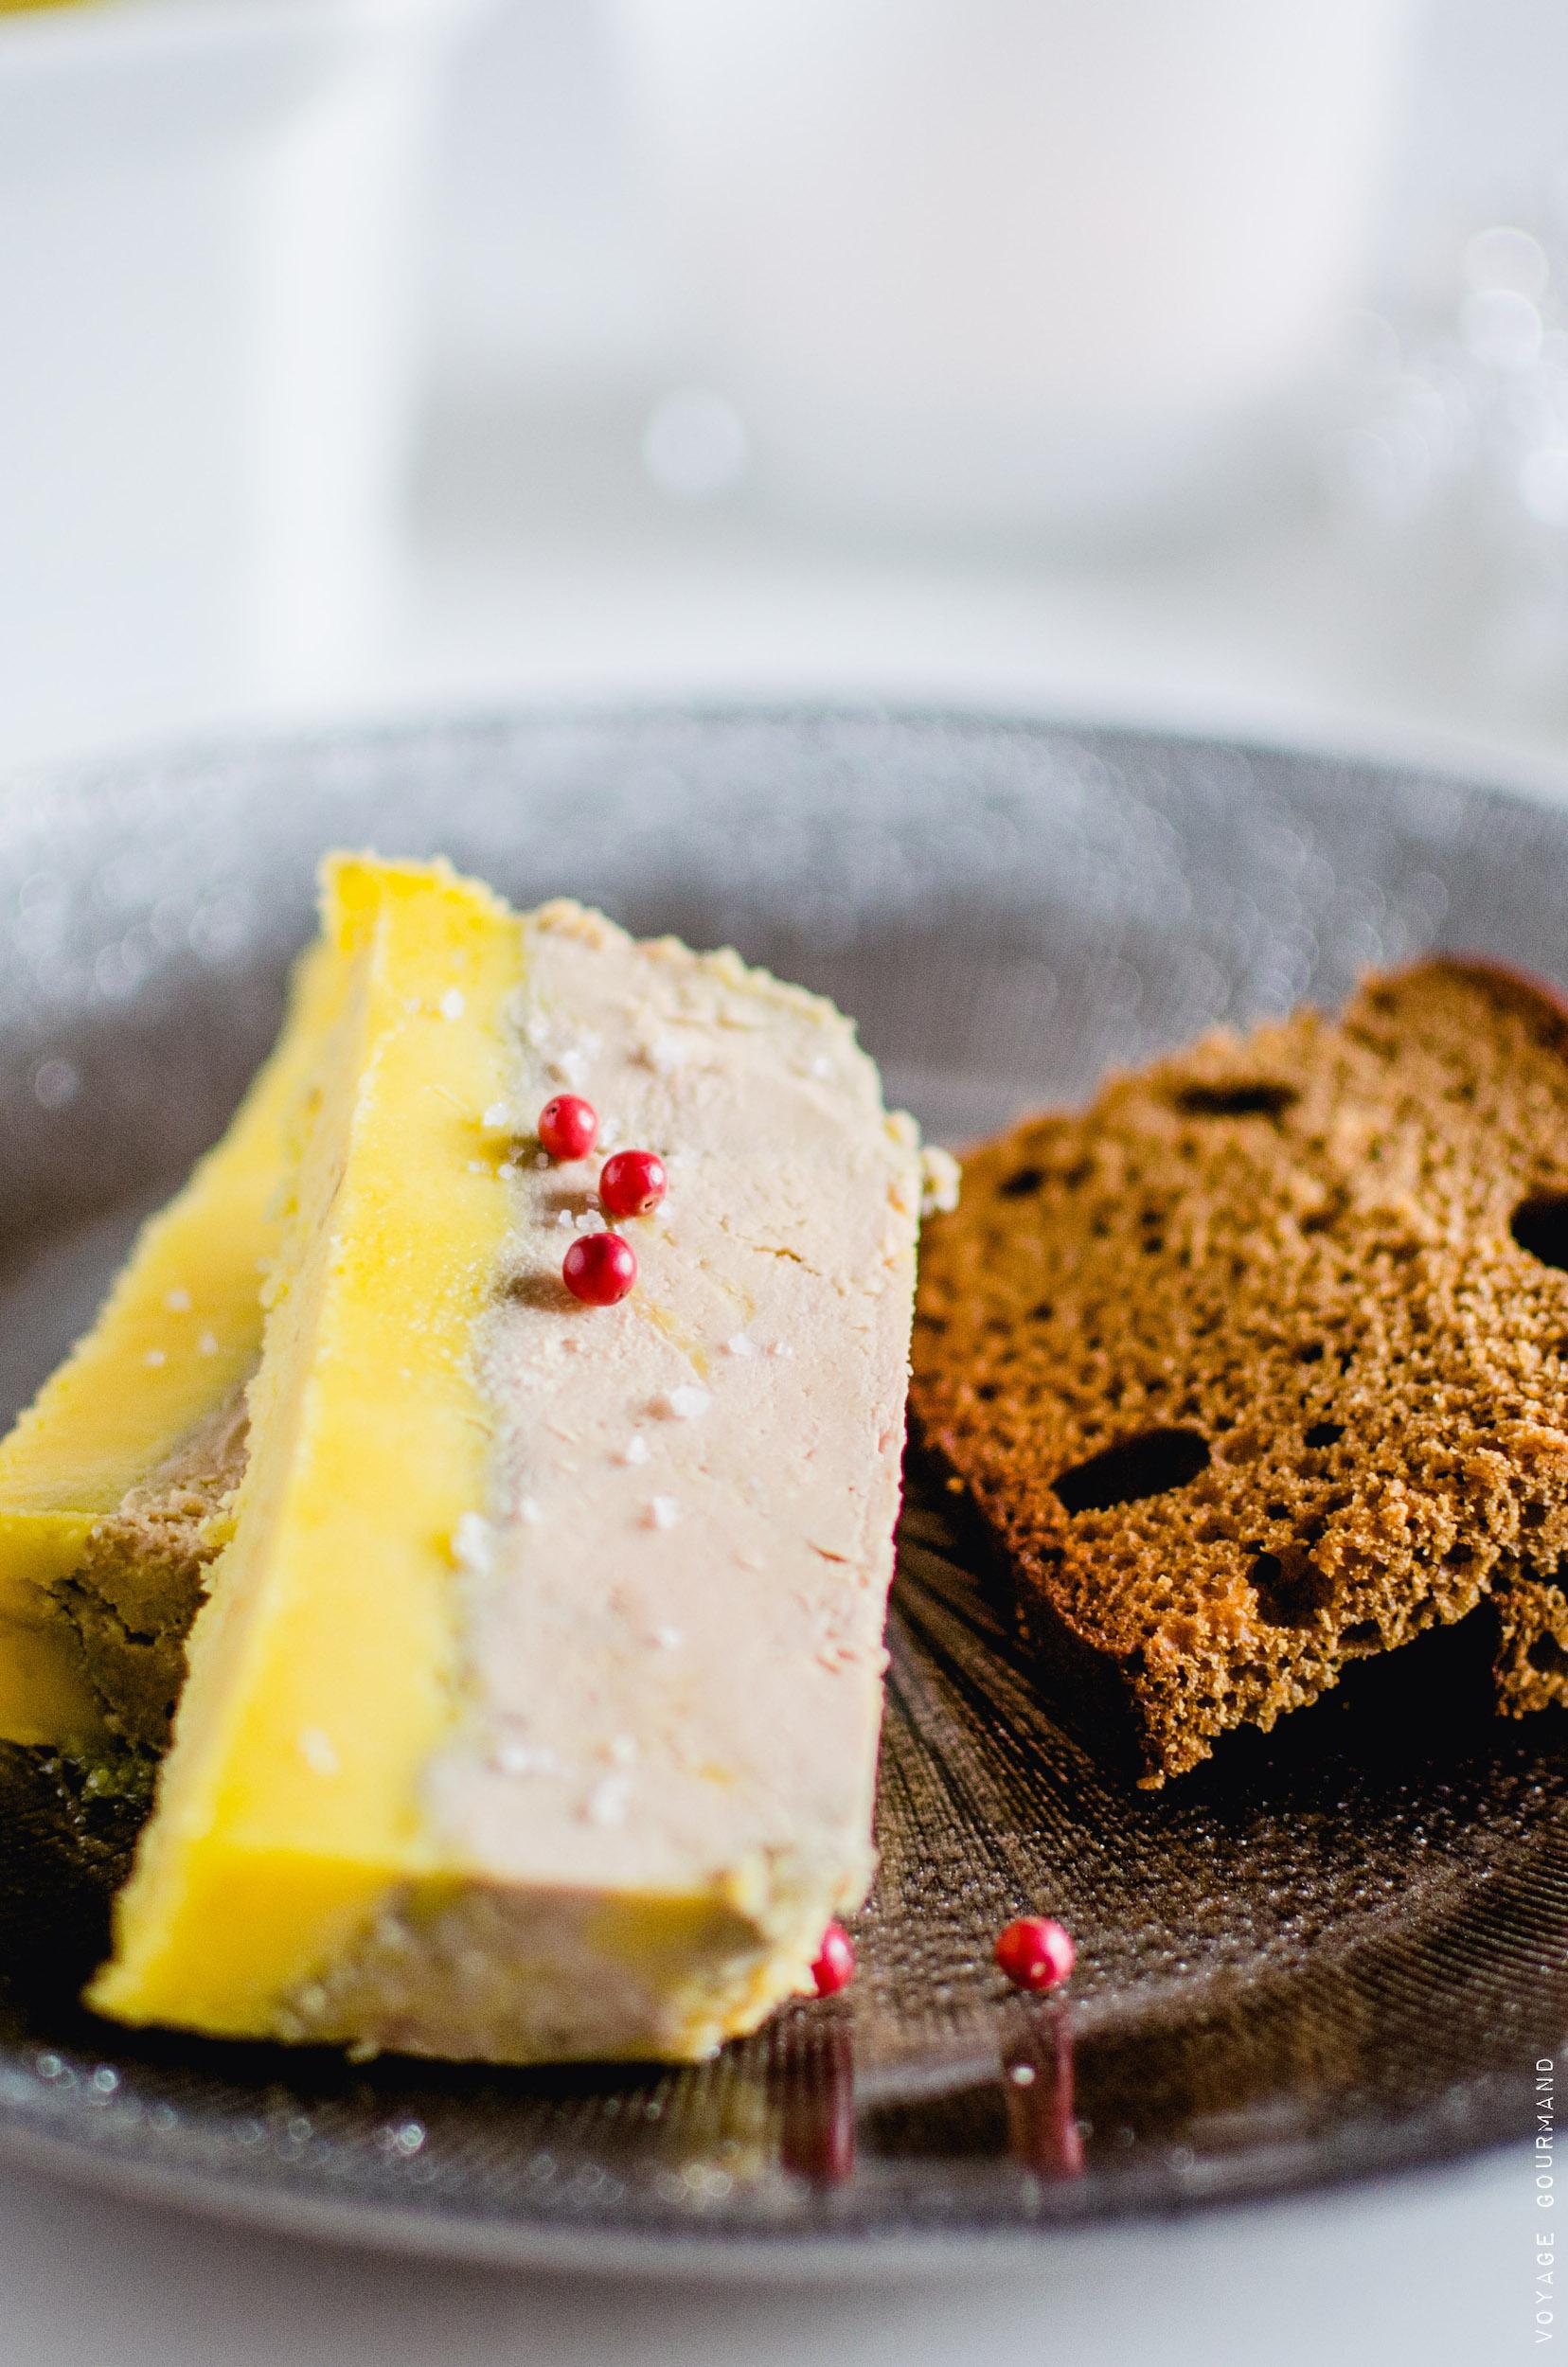 Foie gras en terrine au muscat et à l'armagnac, façon Michel Guérard